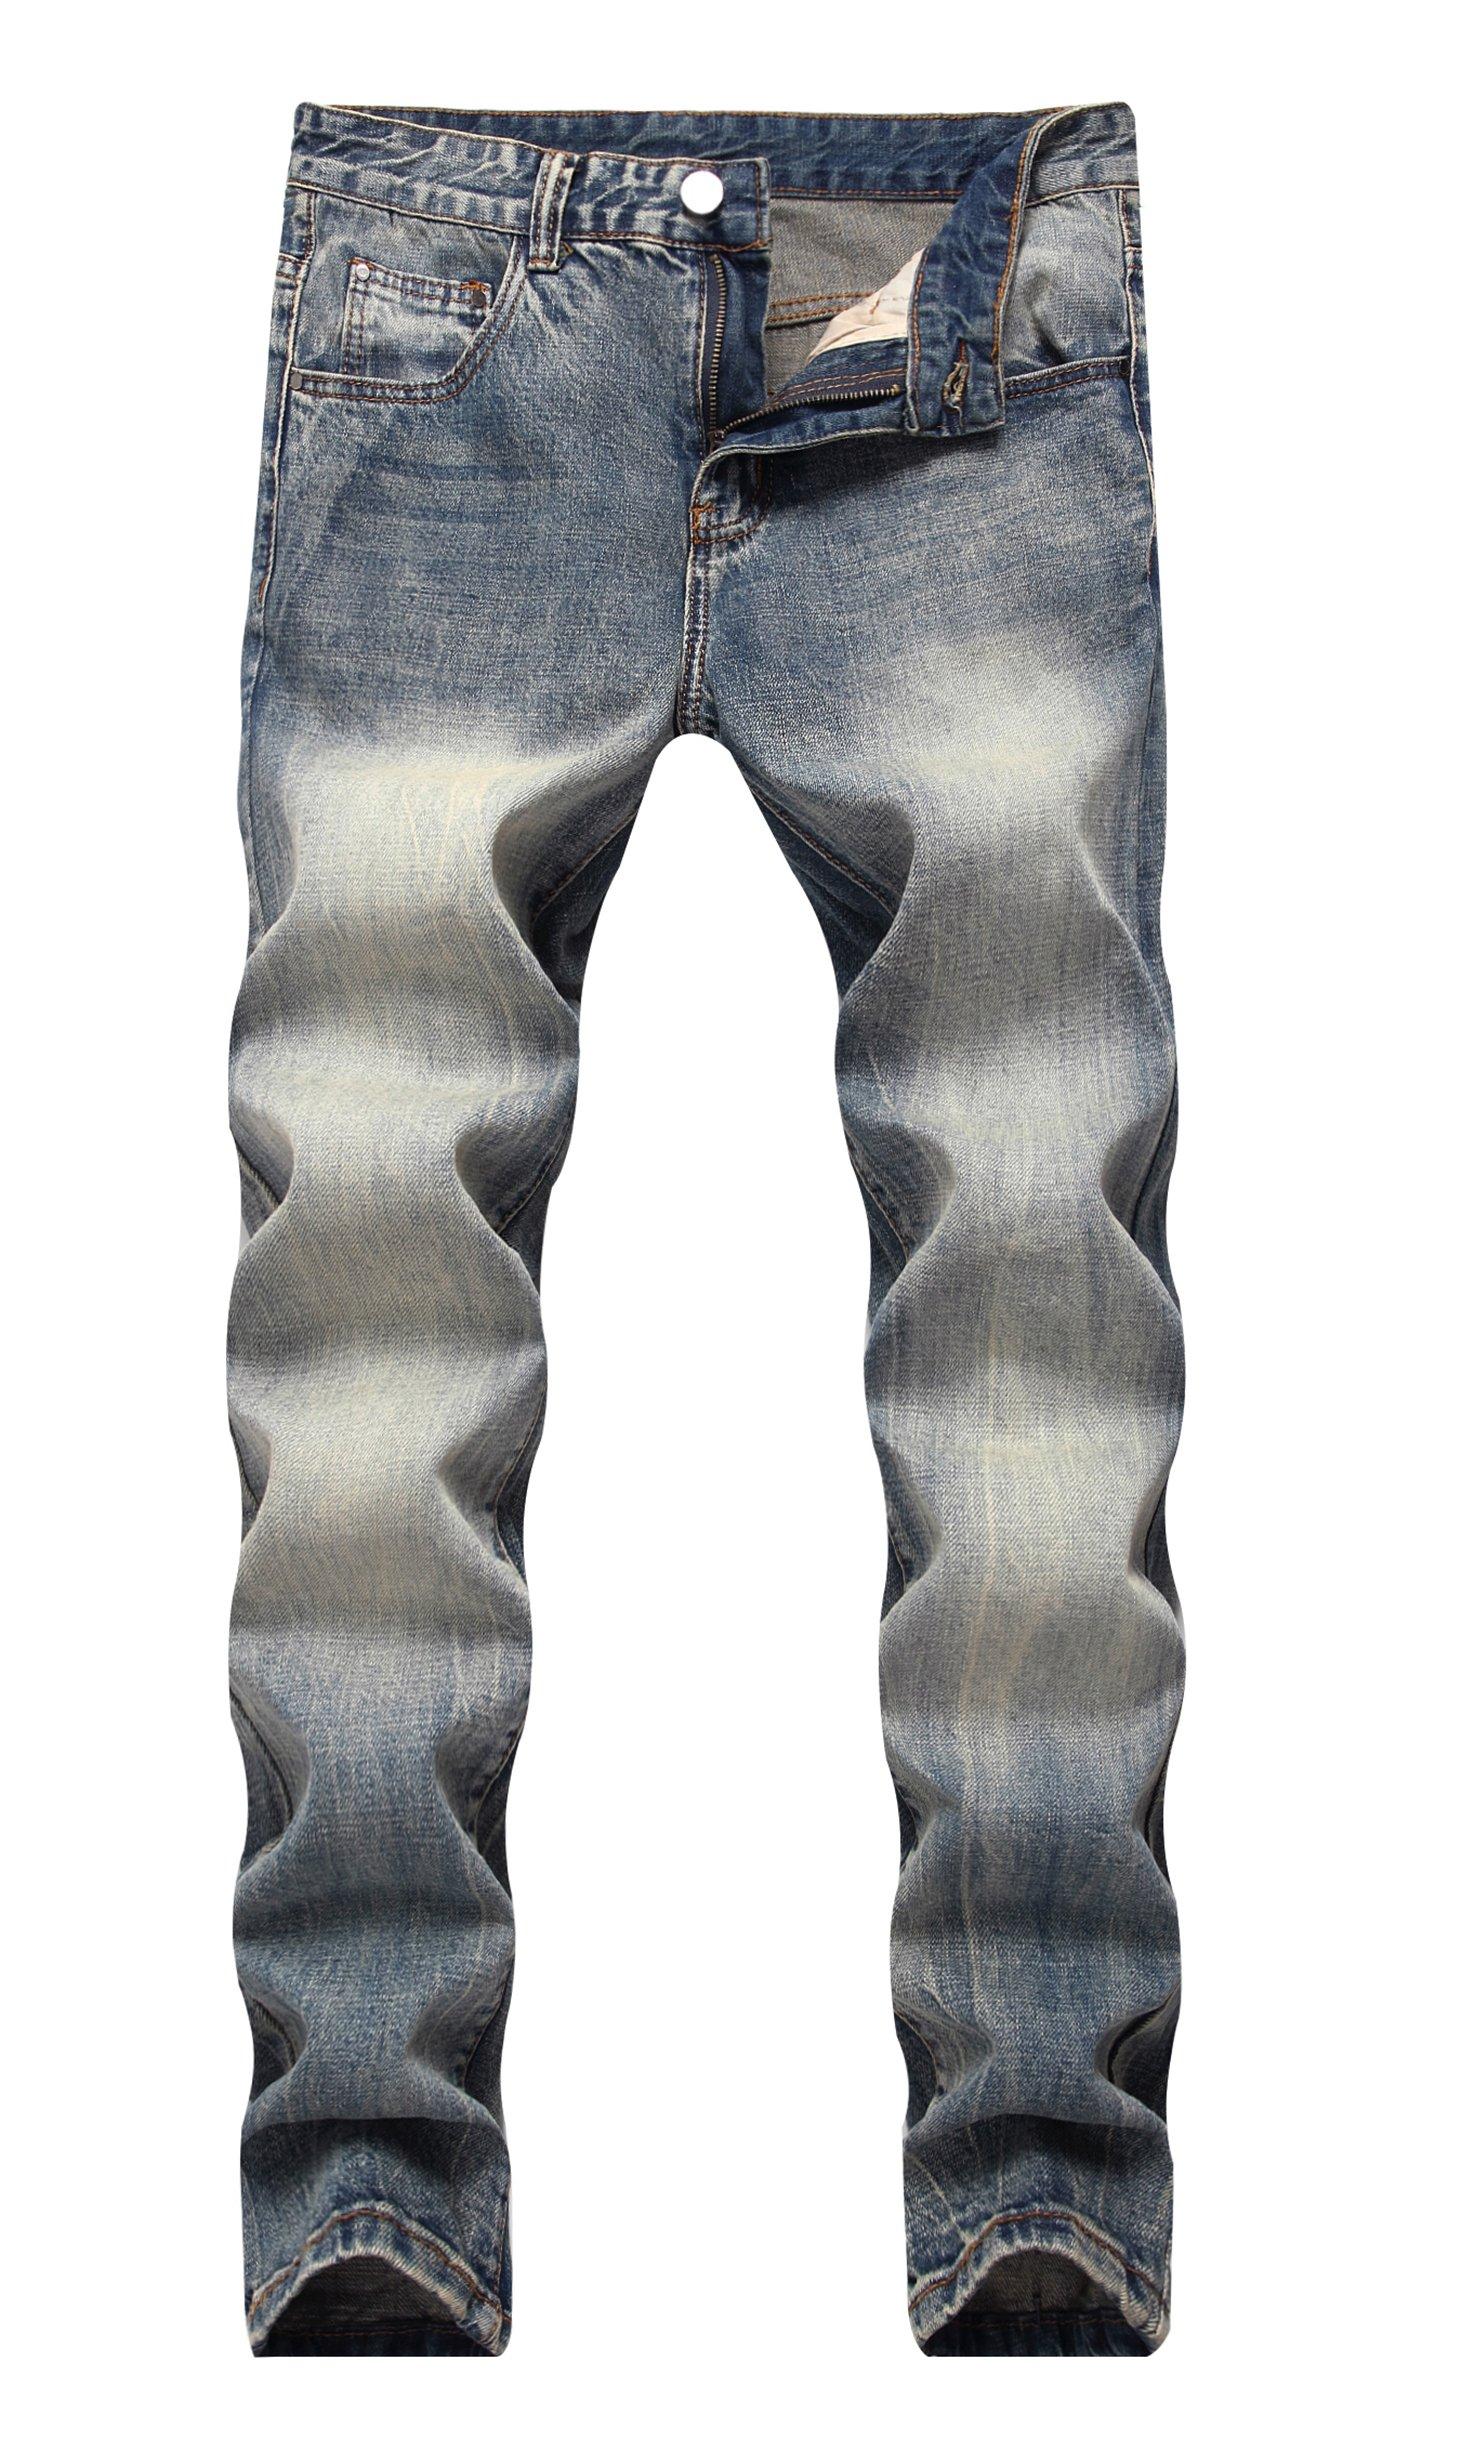 COLINNA Men's Vintage Classic Washed Blue Distressed Slim Fit 5-Pocket Denim Jeans